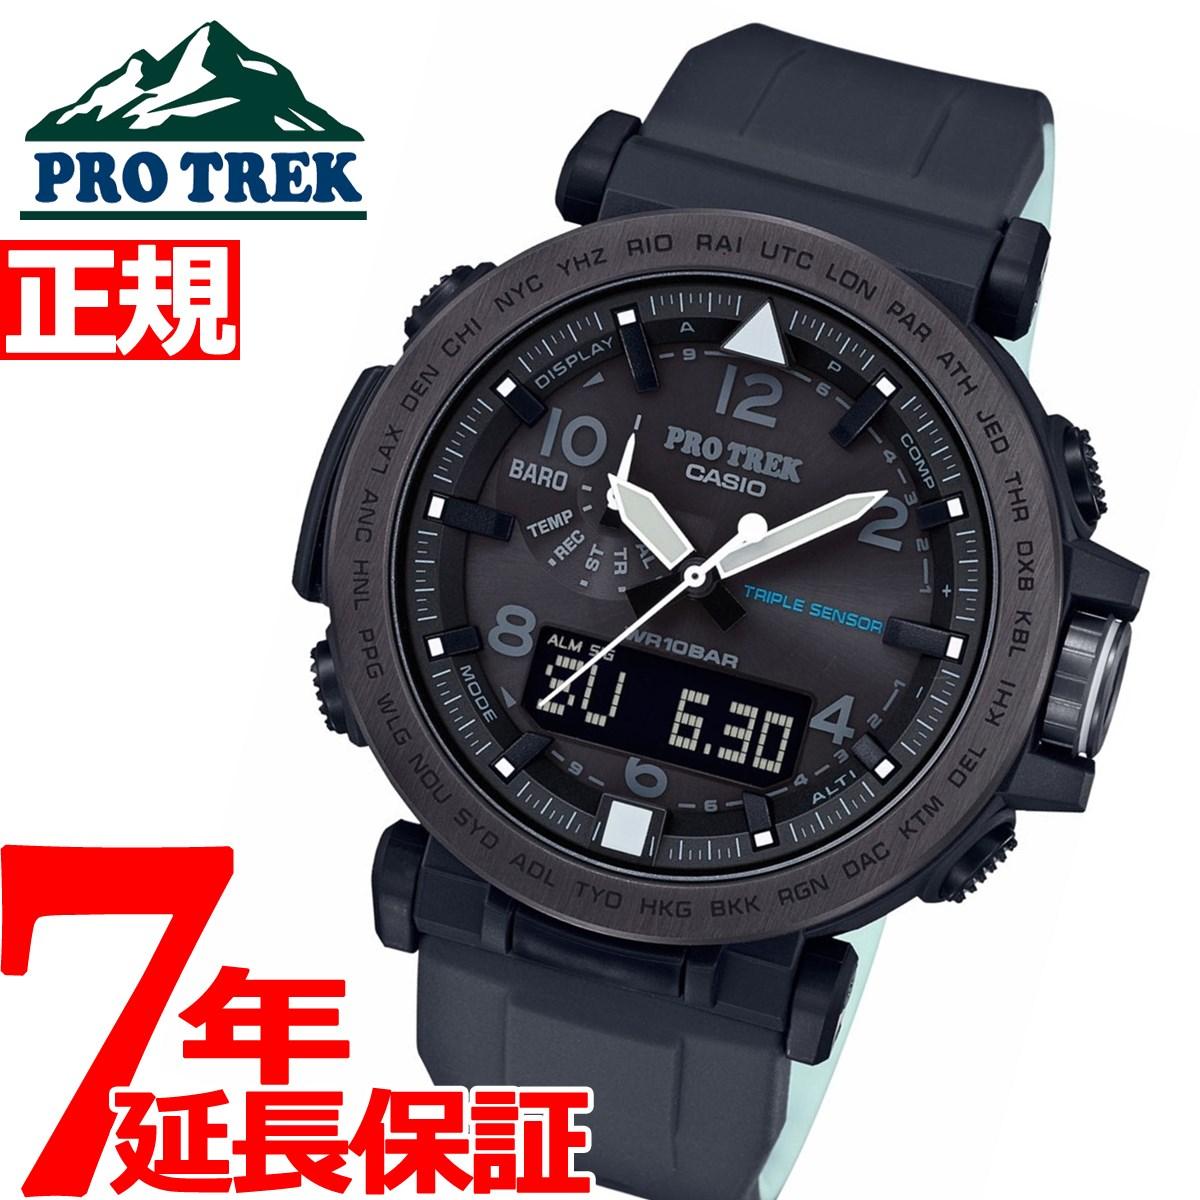 今だけ!店内ポイント最大38倍!19日9時59分まで! カシオ プロトレック CASIO PRO TREK ソーラー 腕時計 メンズ アナデジ タフソーラー PRG-650Y-1JF